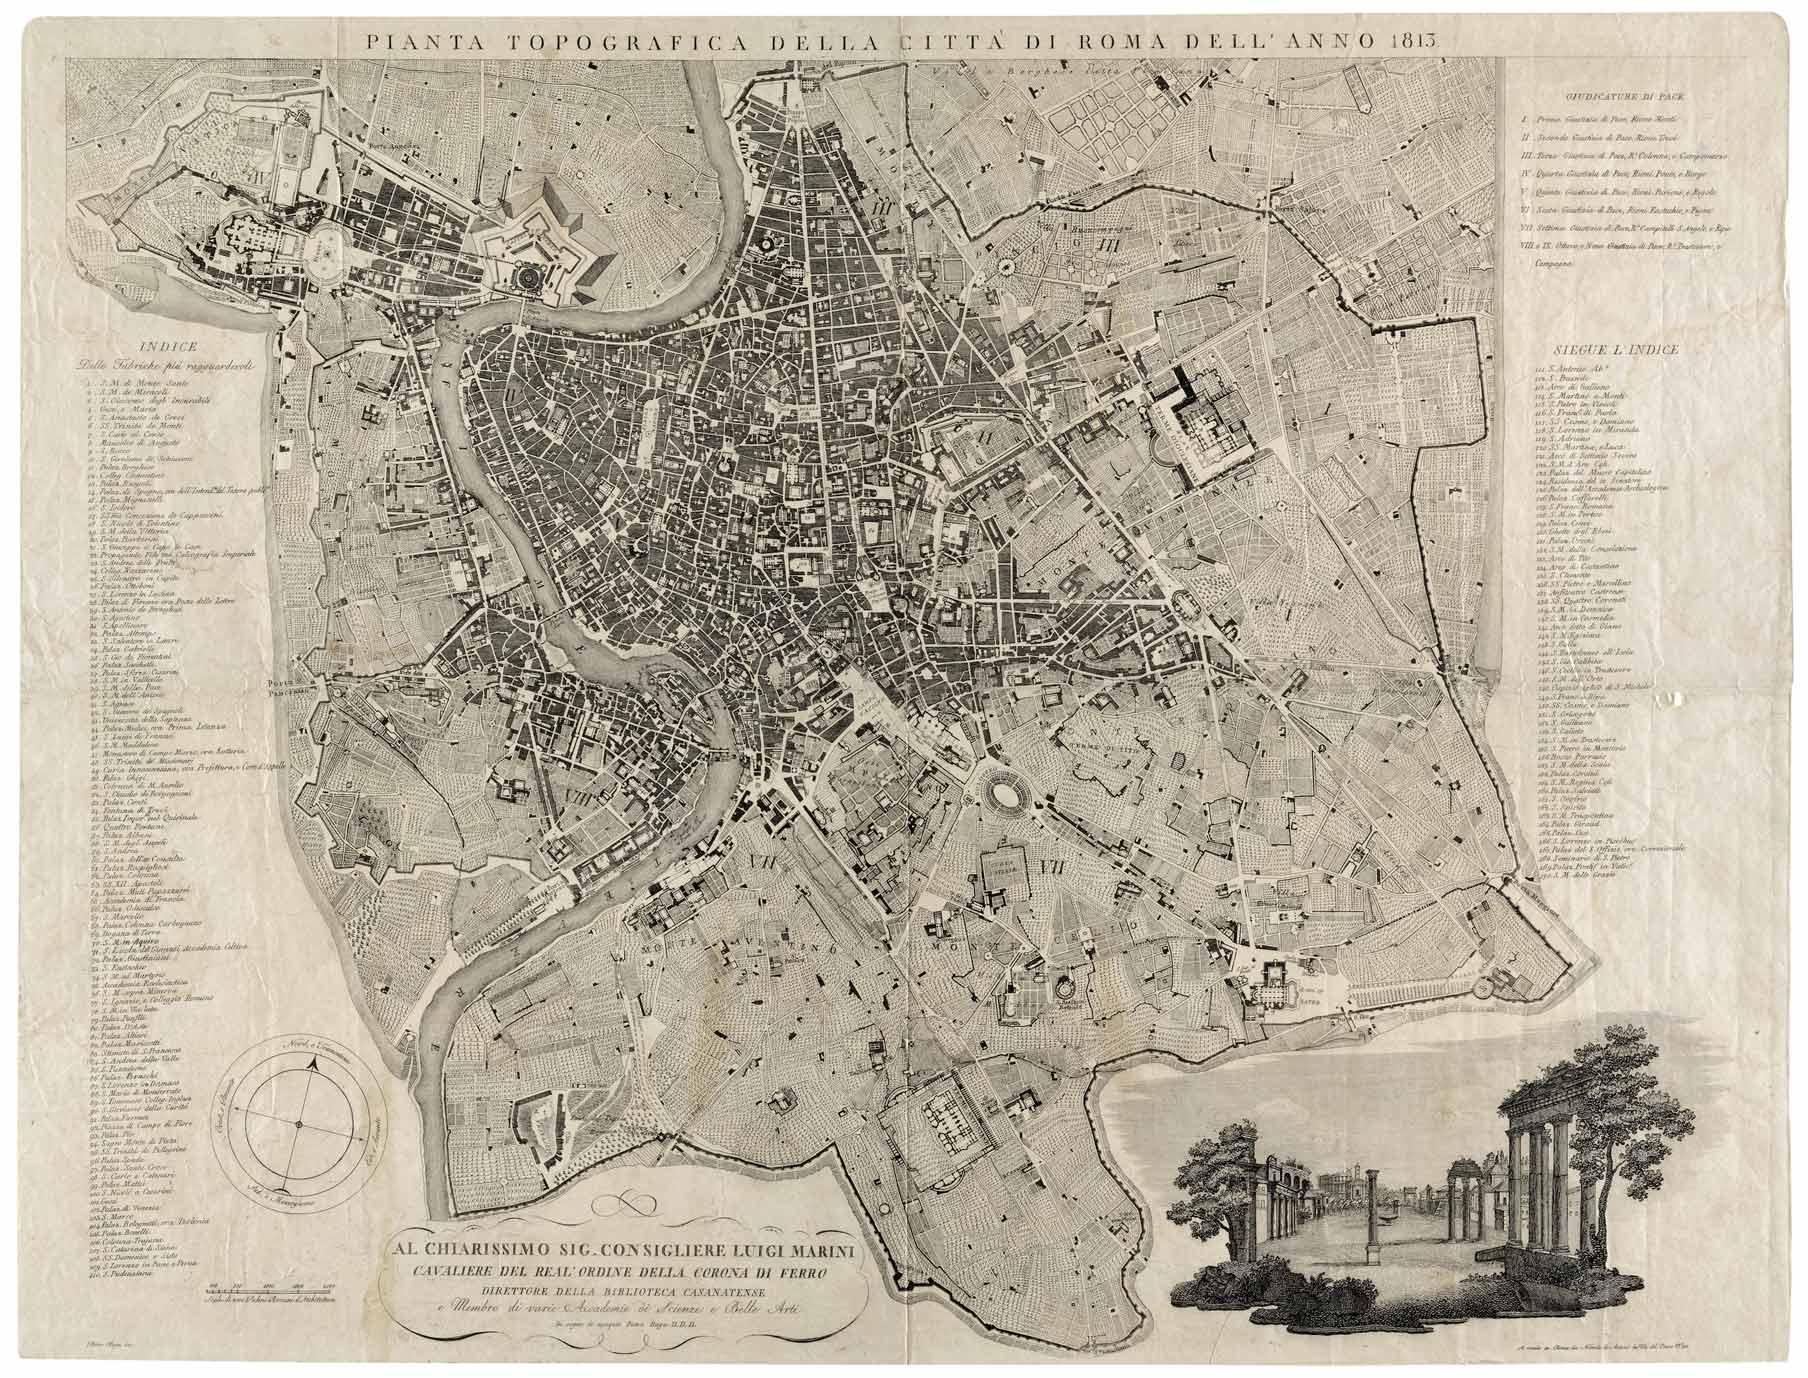 Pianta topografica della città di Roma,